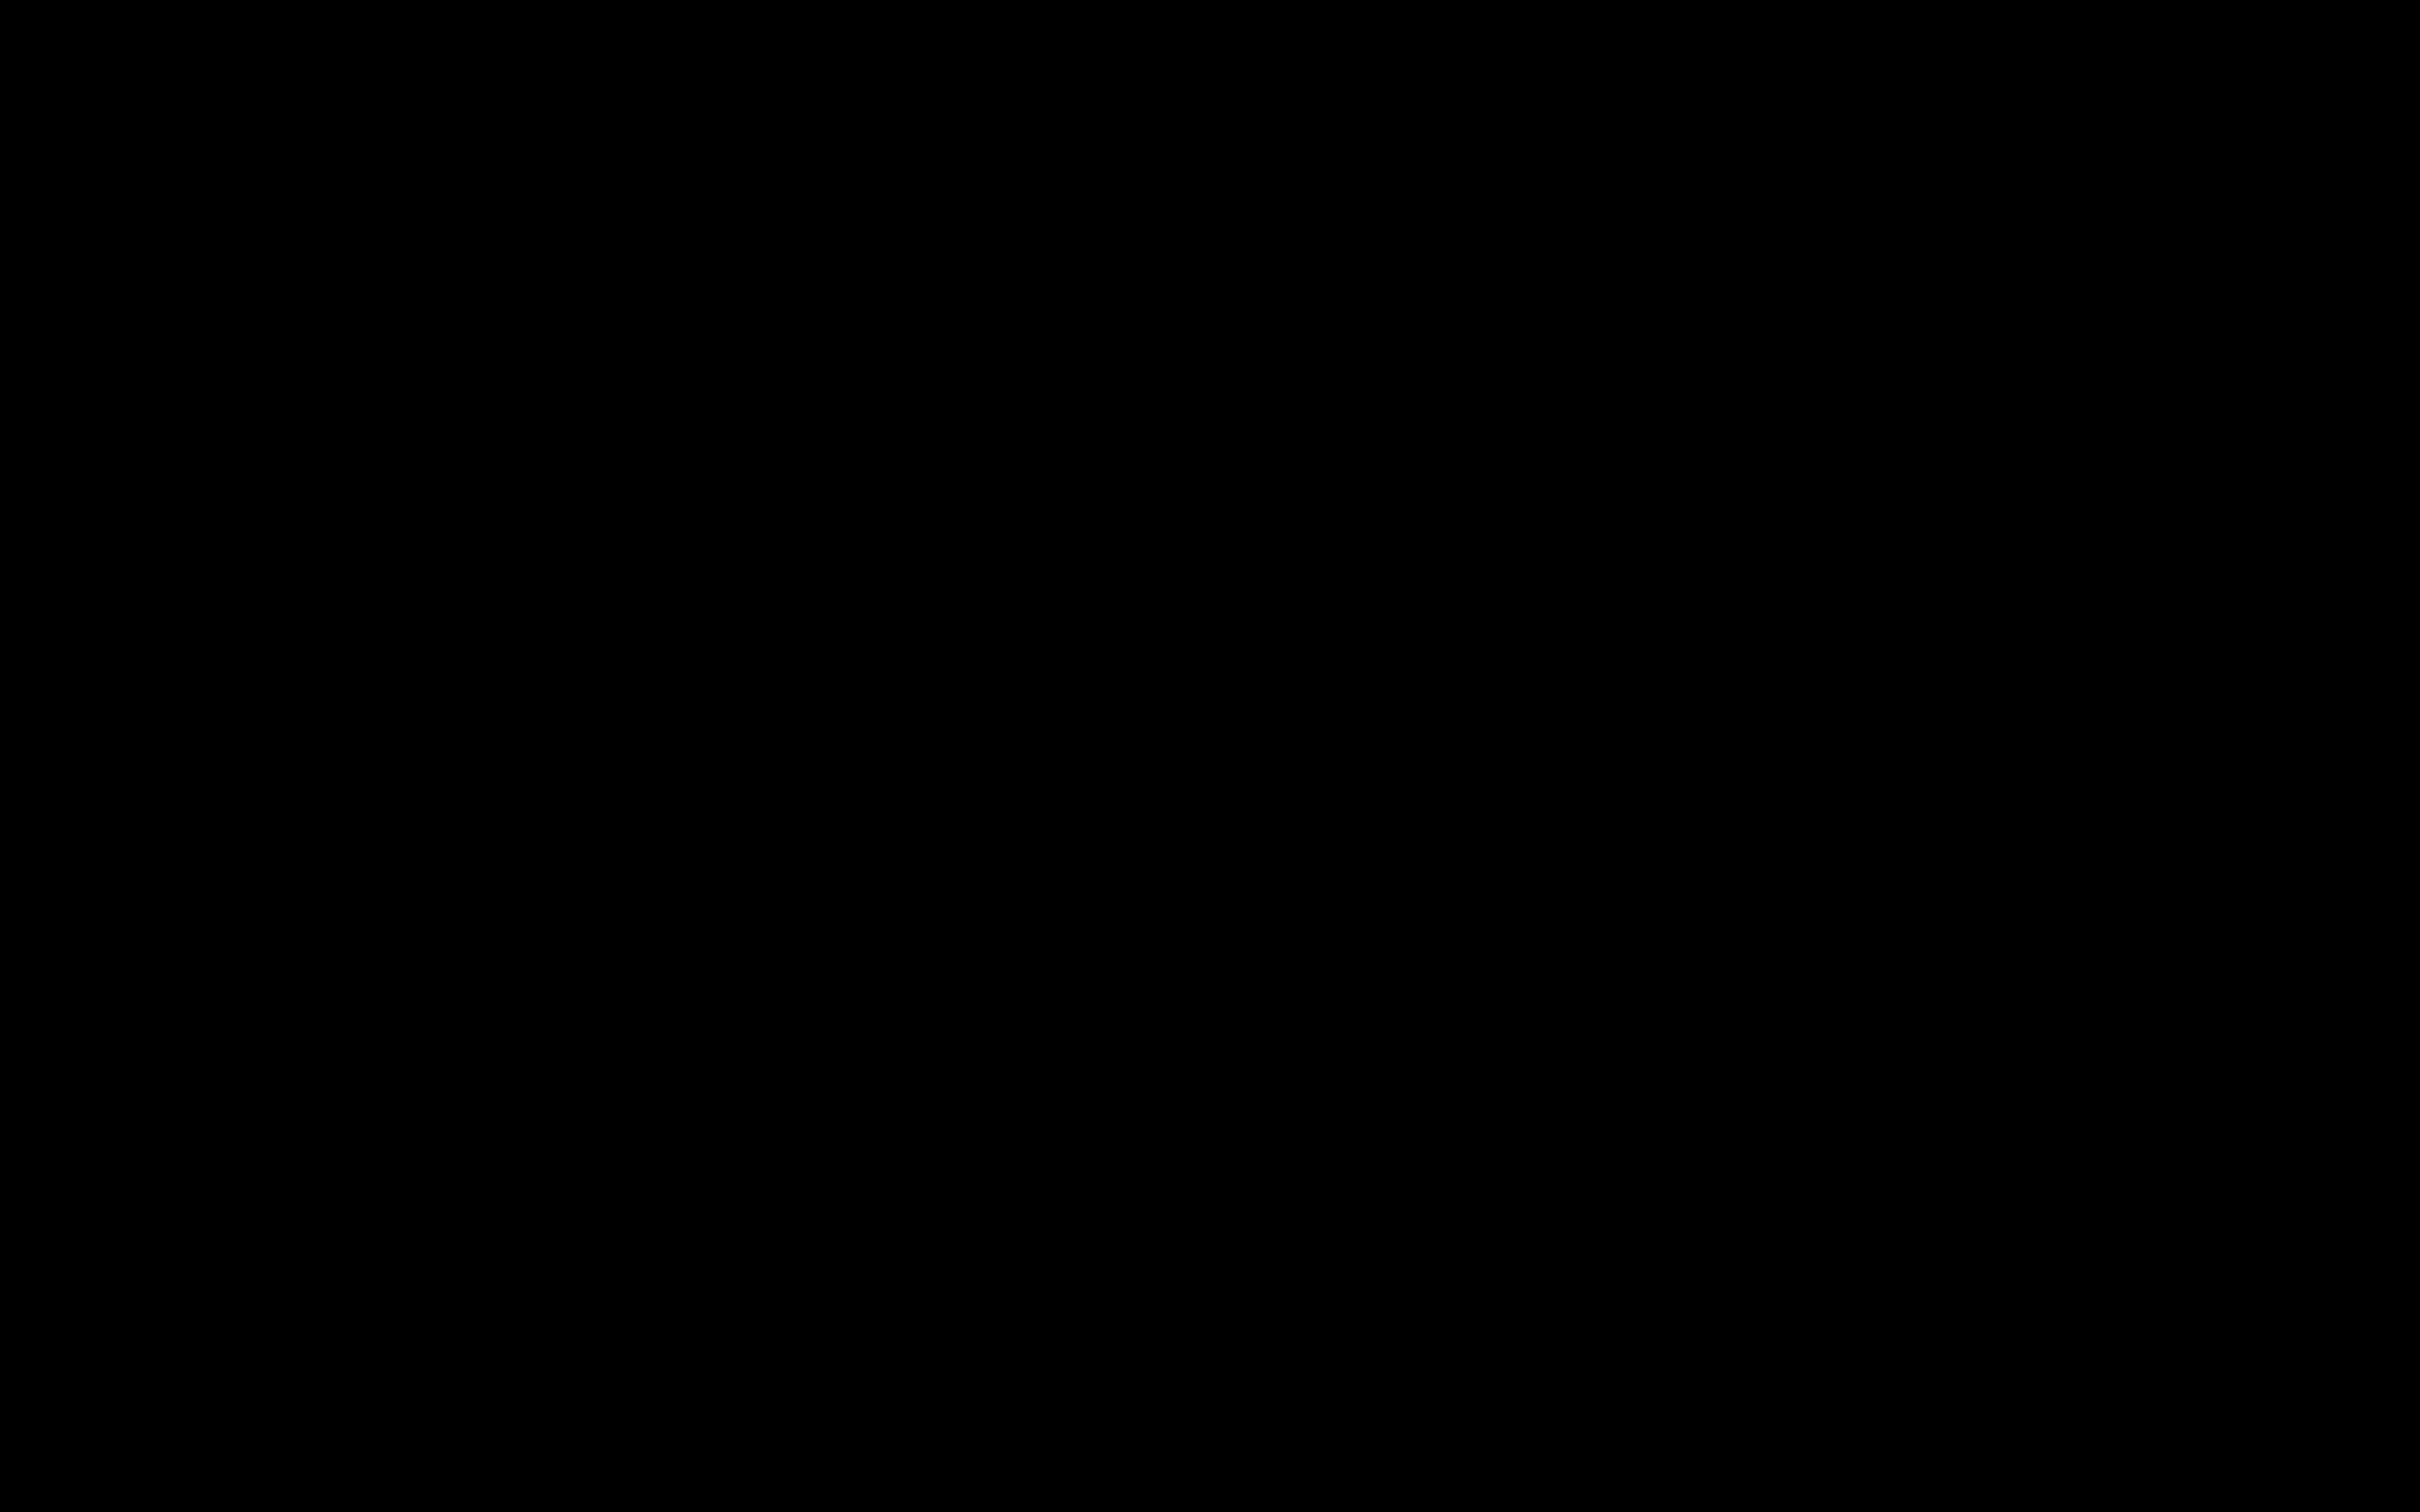 【博君一肖】W+两个世界(穿过世界 与你相见) 最后的w_x264